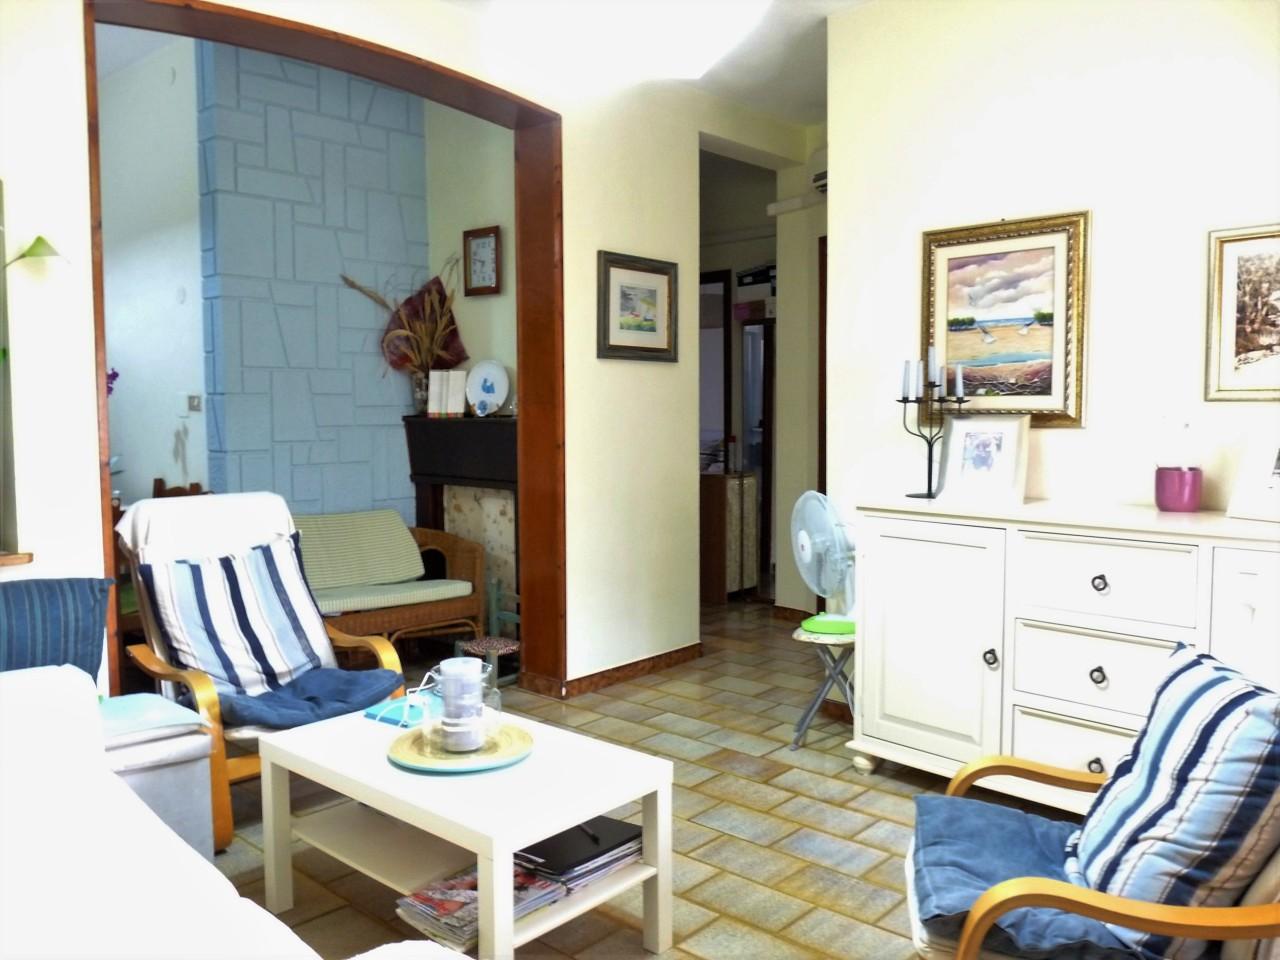 Appartamento in vendita a Monserrato, 3 locali, prezzo € 120.000 | Cambio Casa.it